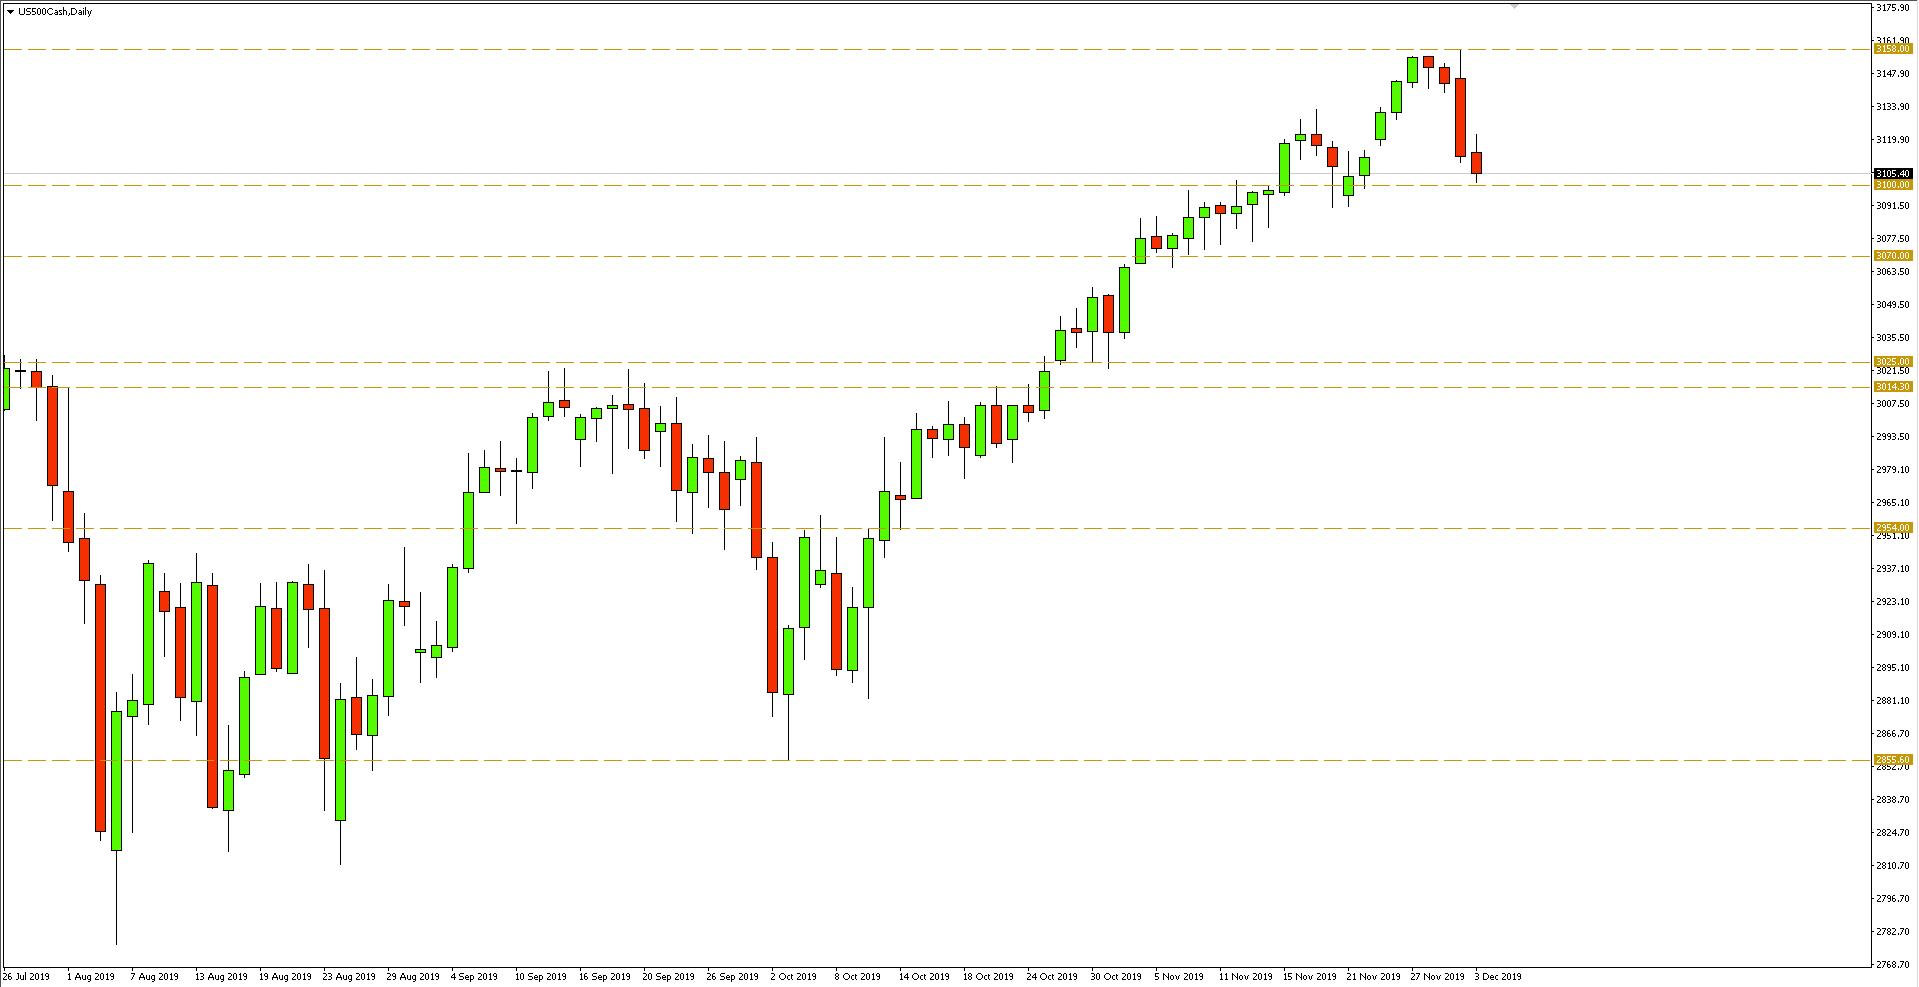 Wykres dzienny indeksu S&P 500 - 03.12.2019 r.